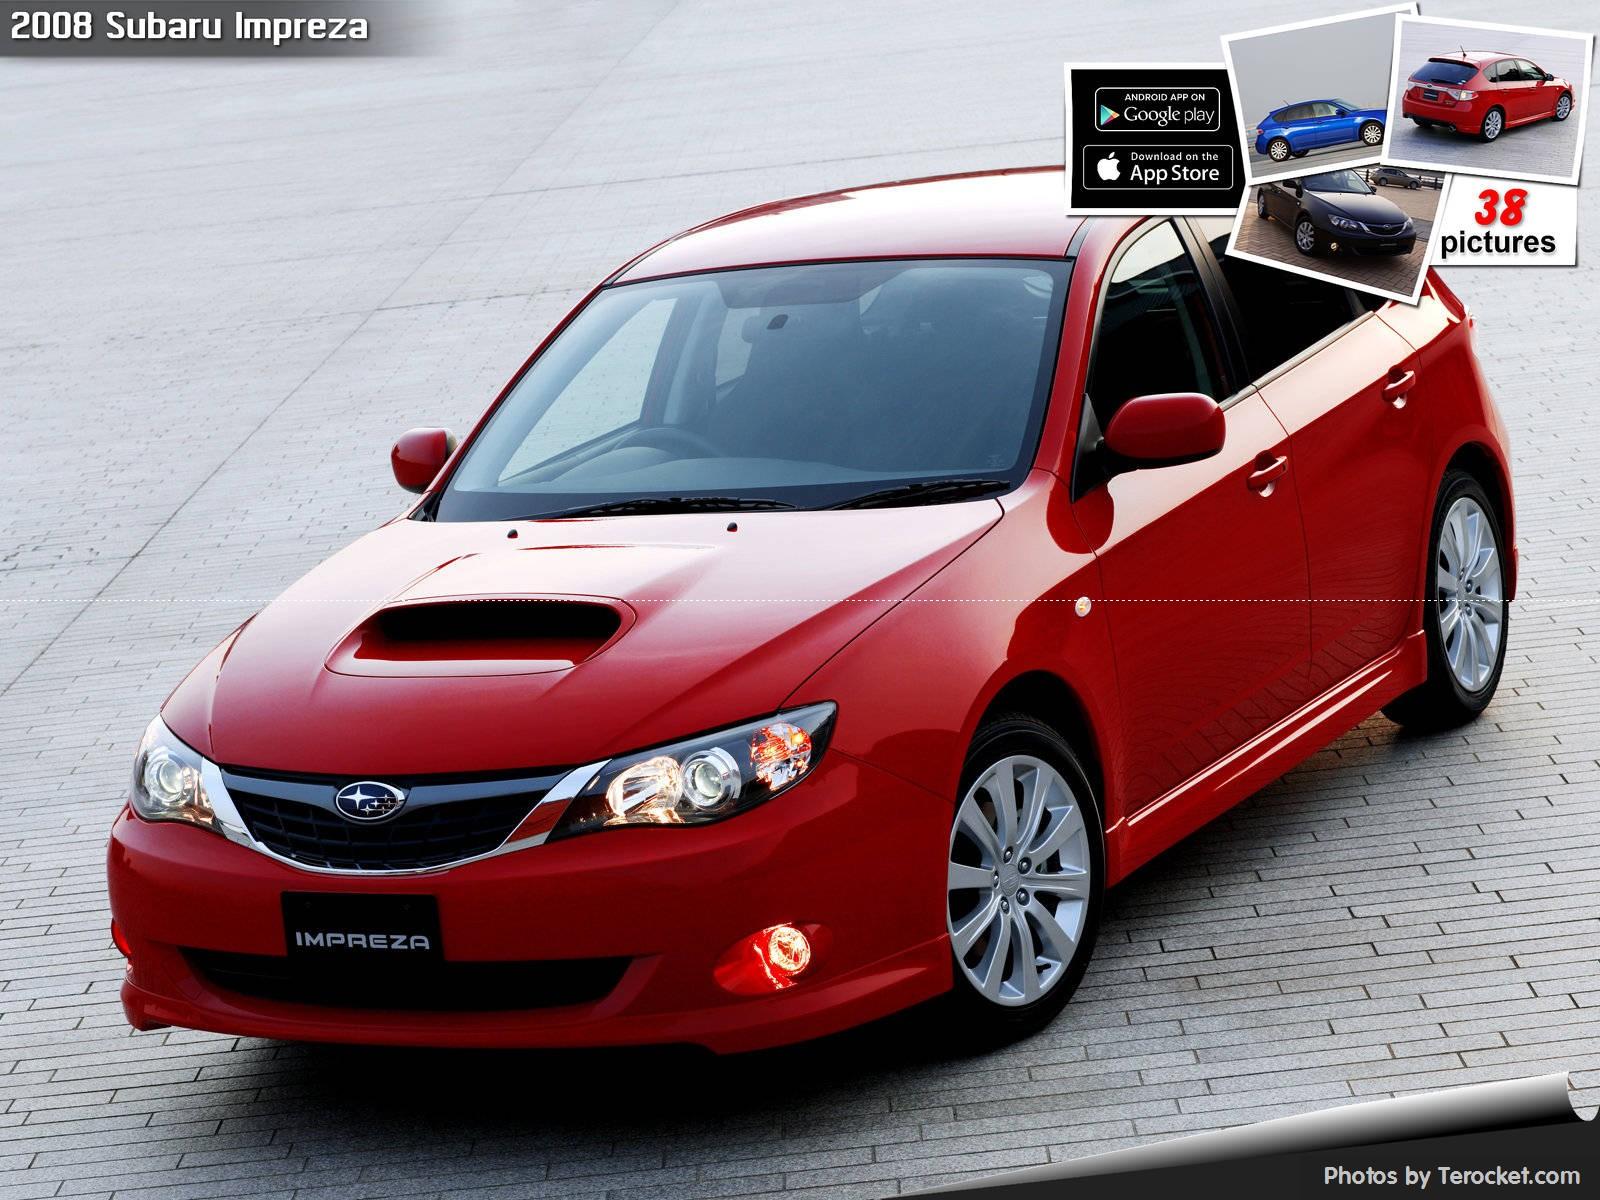 Hình ảnh xe ô tô Subaru Impreza Japanese Version 2008 & nội ngoại thất